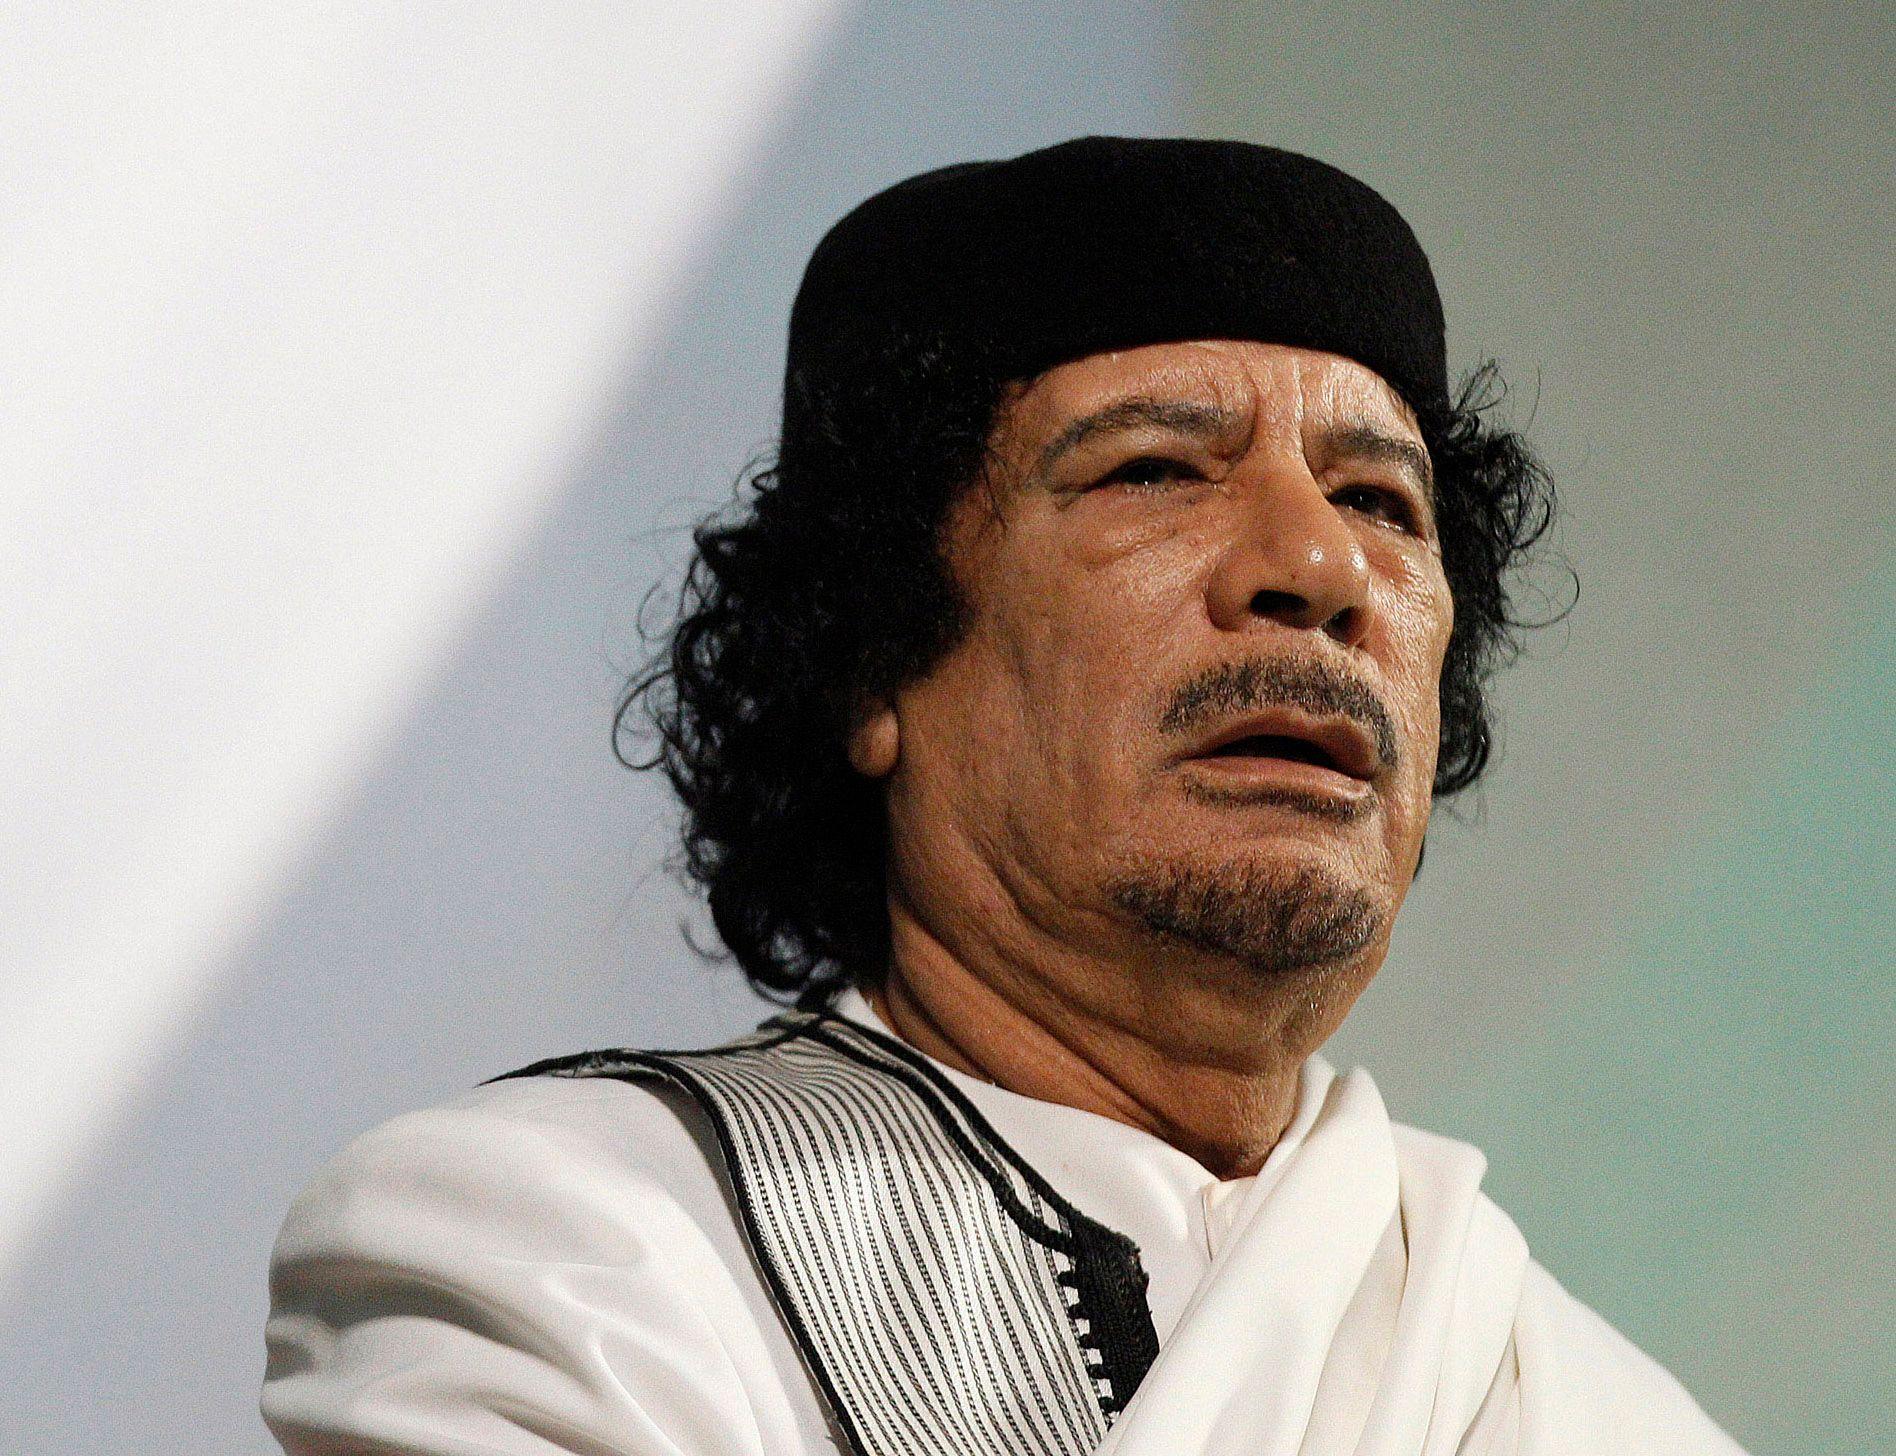 Affaire des infirmières bulgares : le régime de Kadhafi aurait inoculé le virus du sida aux enfants de Benghazi